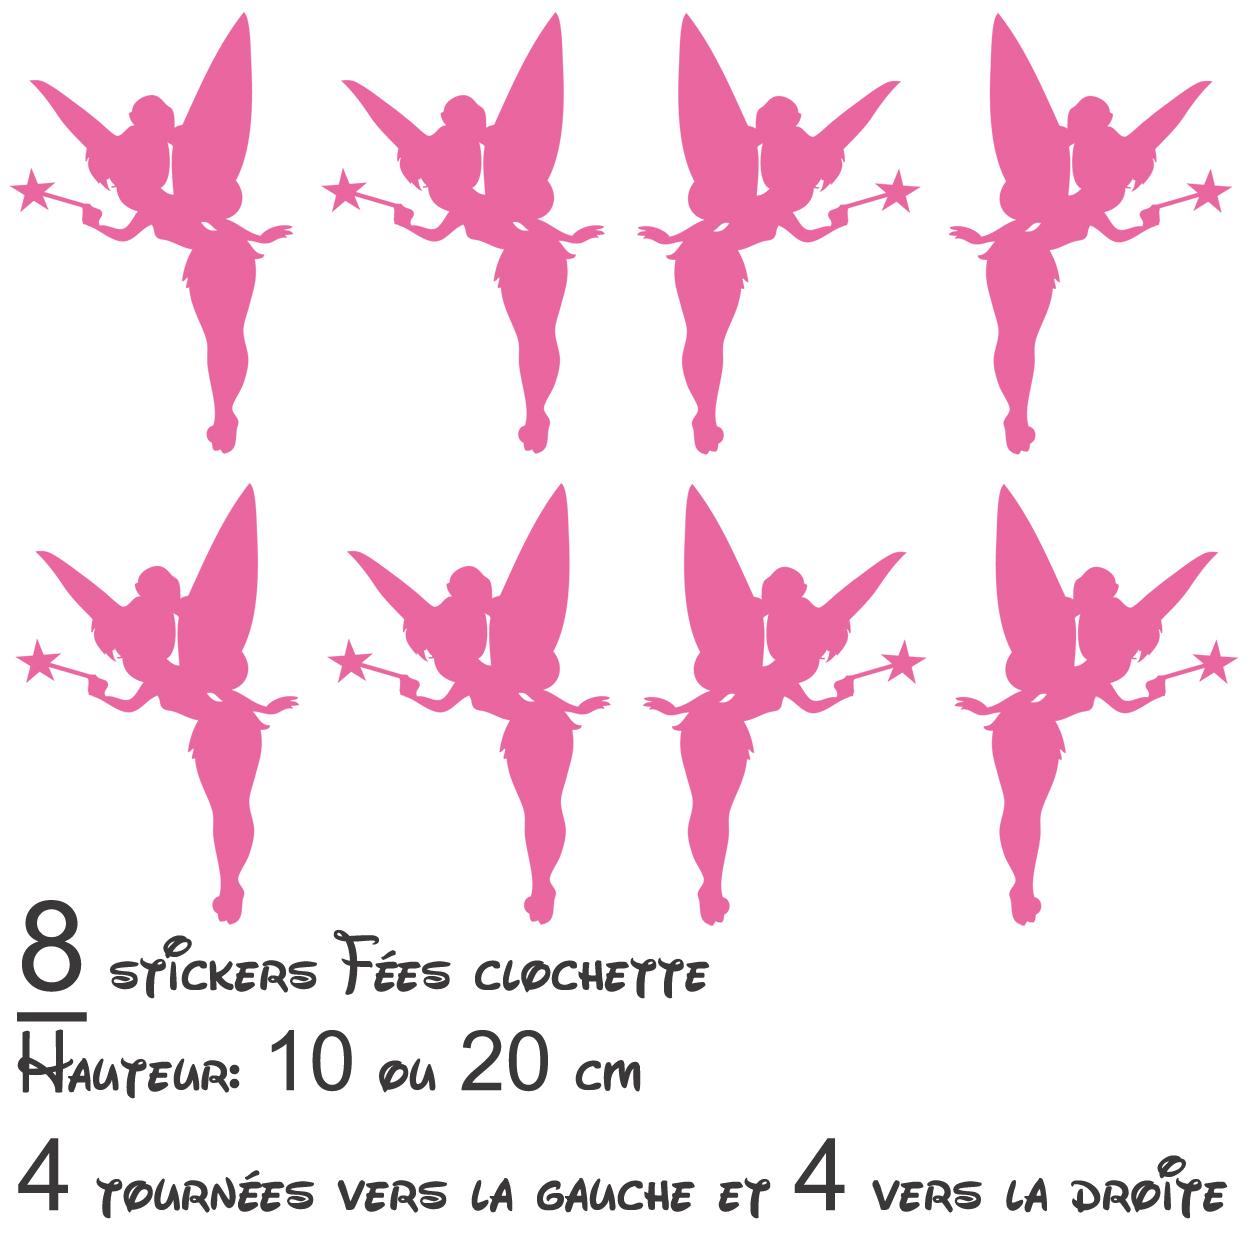 Stickers autocollant lot 8 Fées Clochette - Les Enfants - Destock ... 884c3ff60262